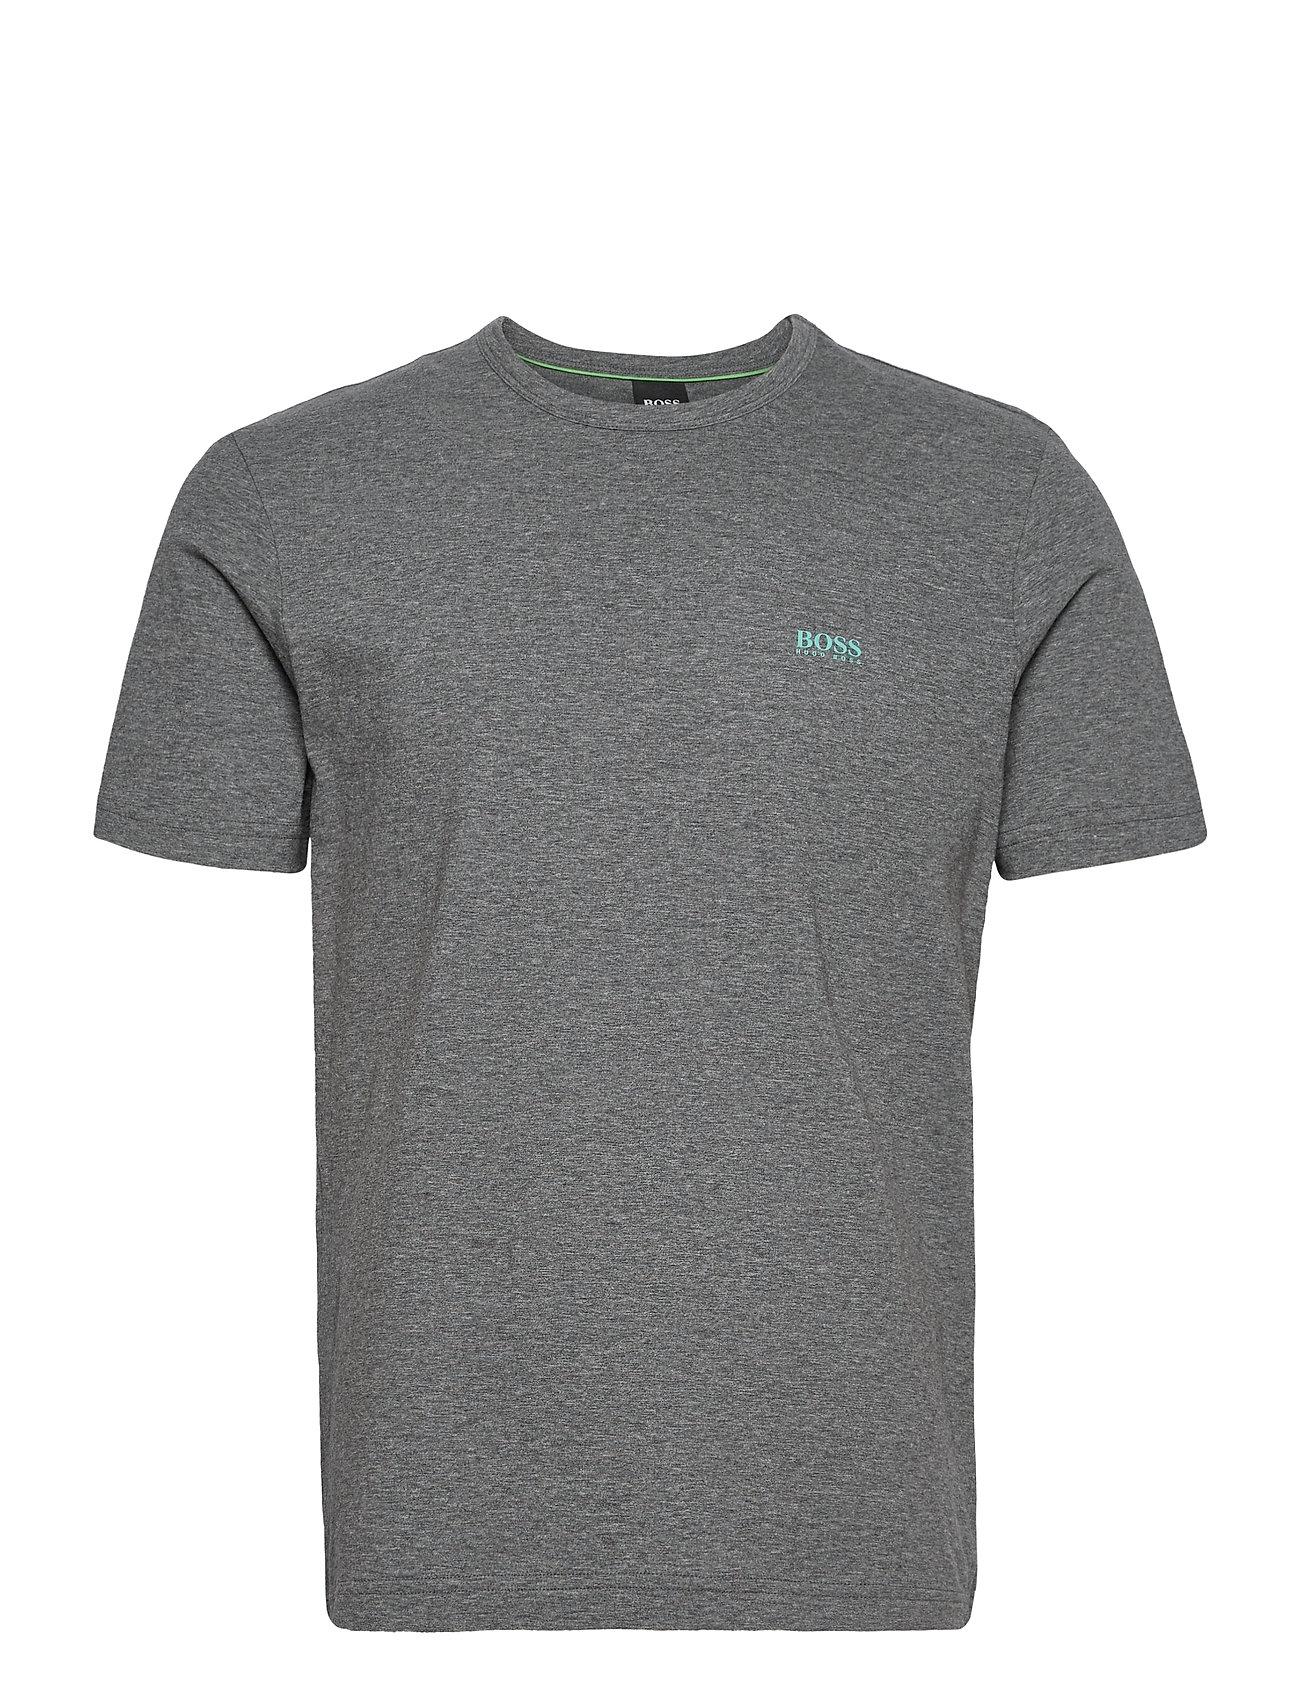 Image of Tee T-shirt Grå BOSS (3470938805)